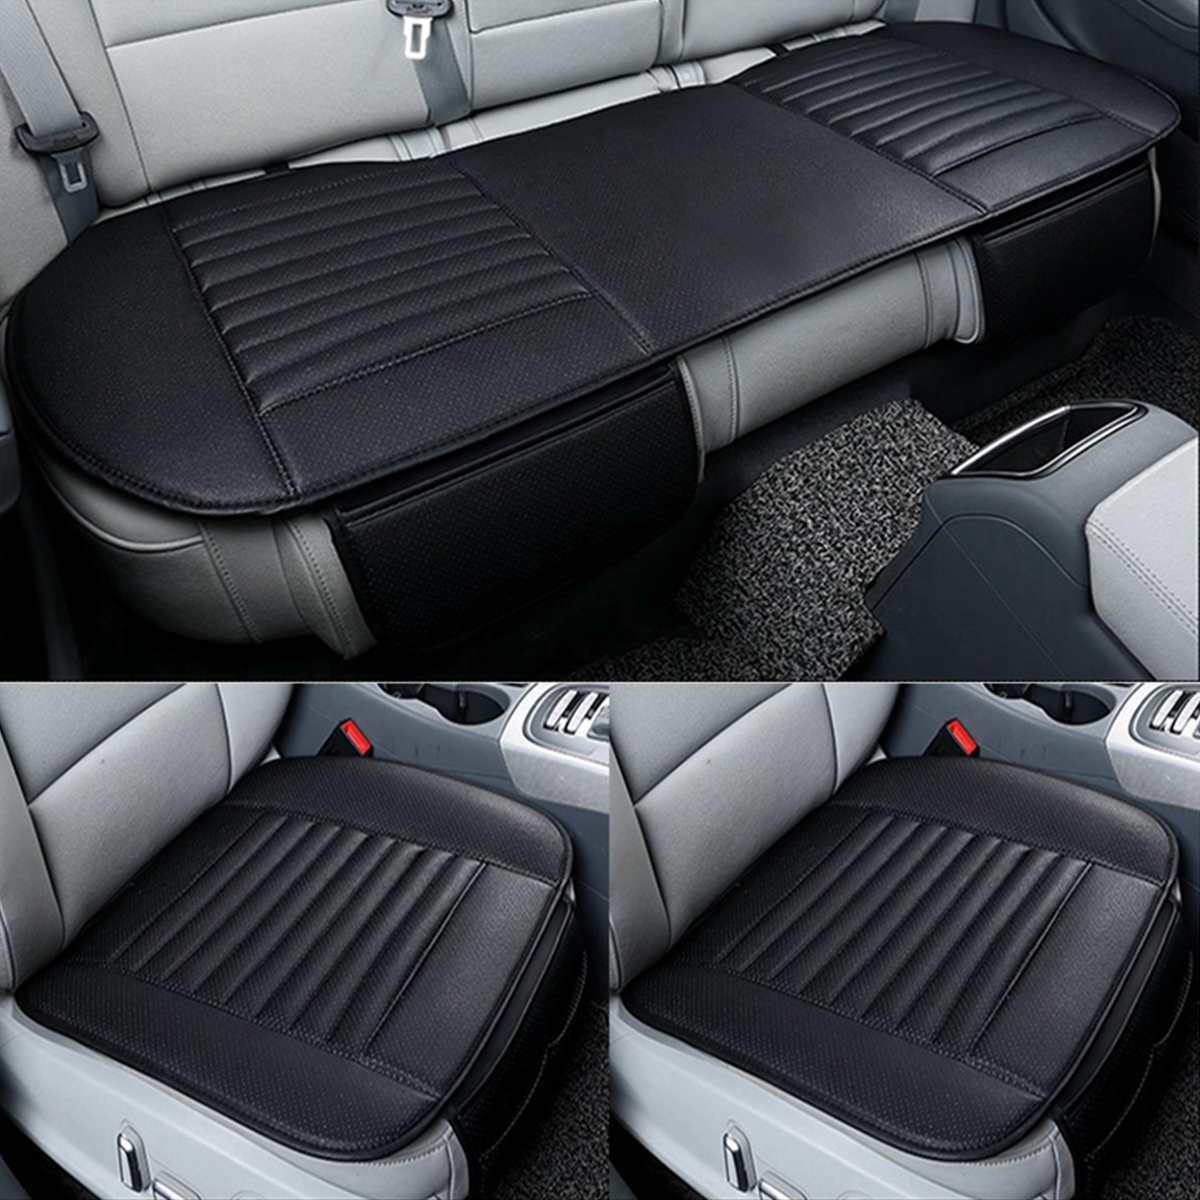 Tapis universel de protection de siège de voiture 1 Set pour housse de siège de voiture 5 places quatre saisons avant arrière coussin de siège arrière en cuir Pu respirant